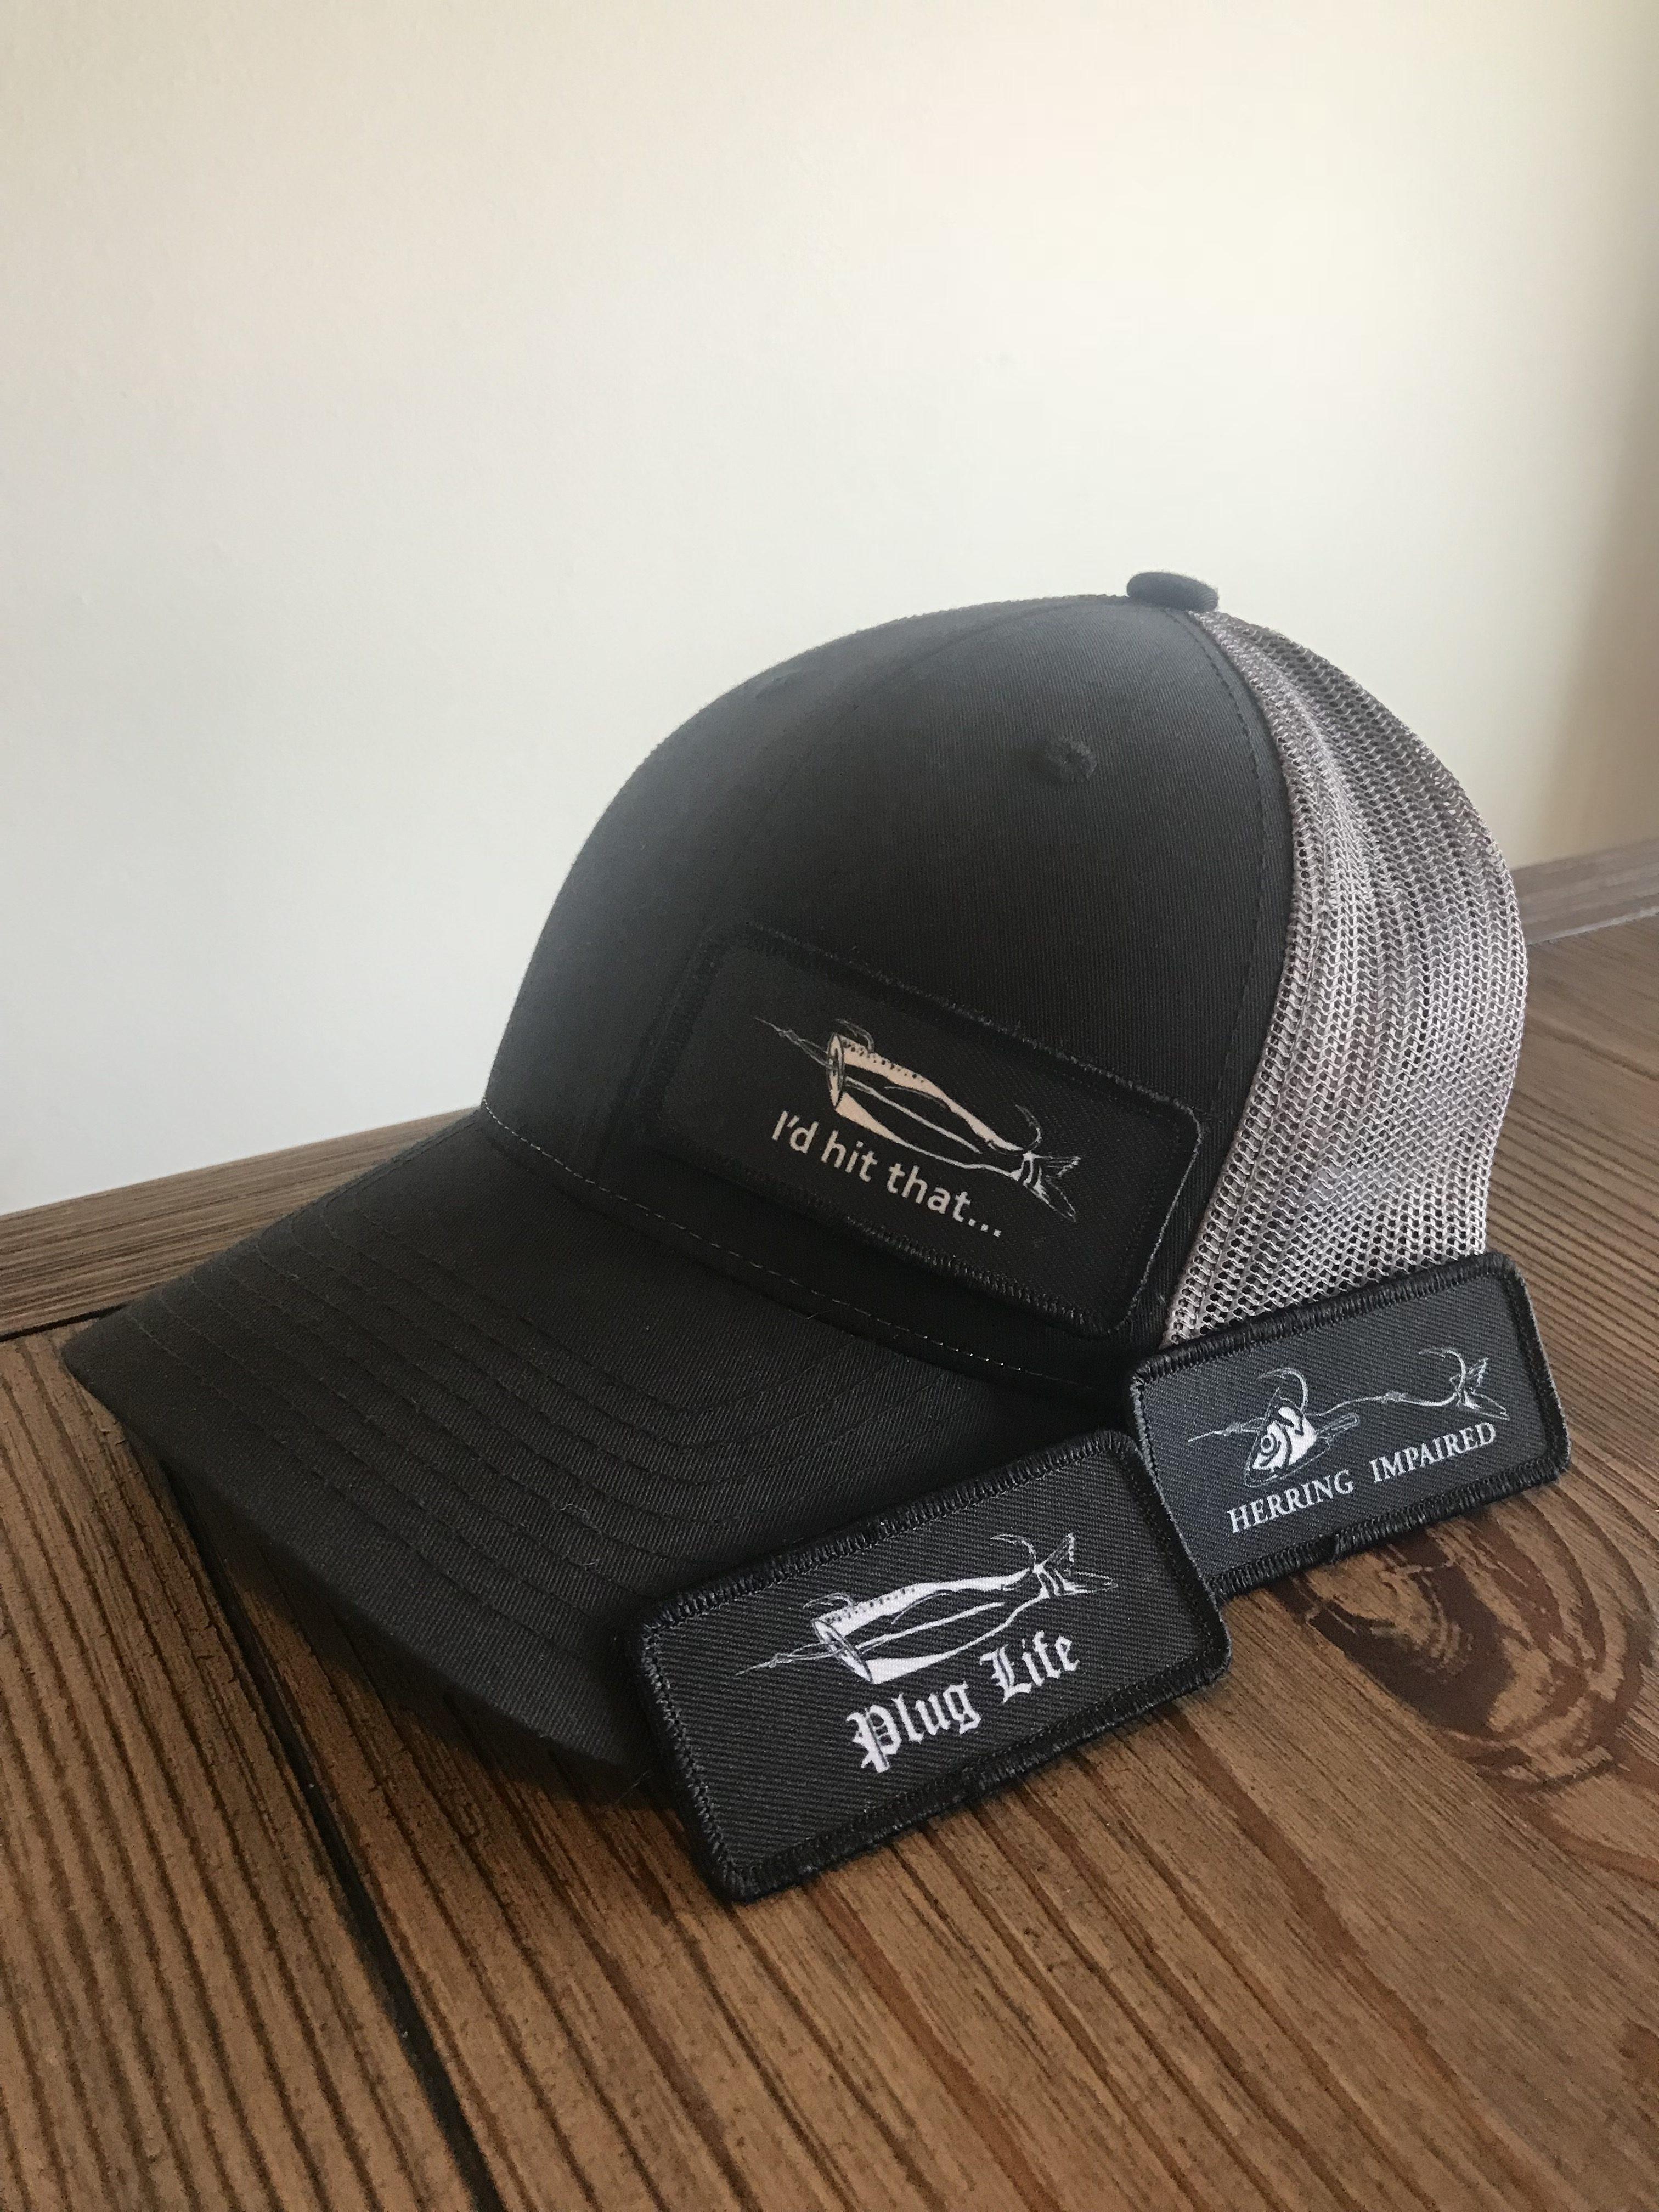 Black/Charcoal P.F.A hat